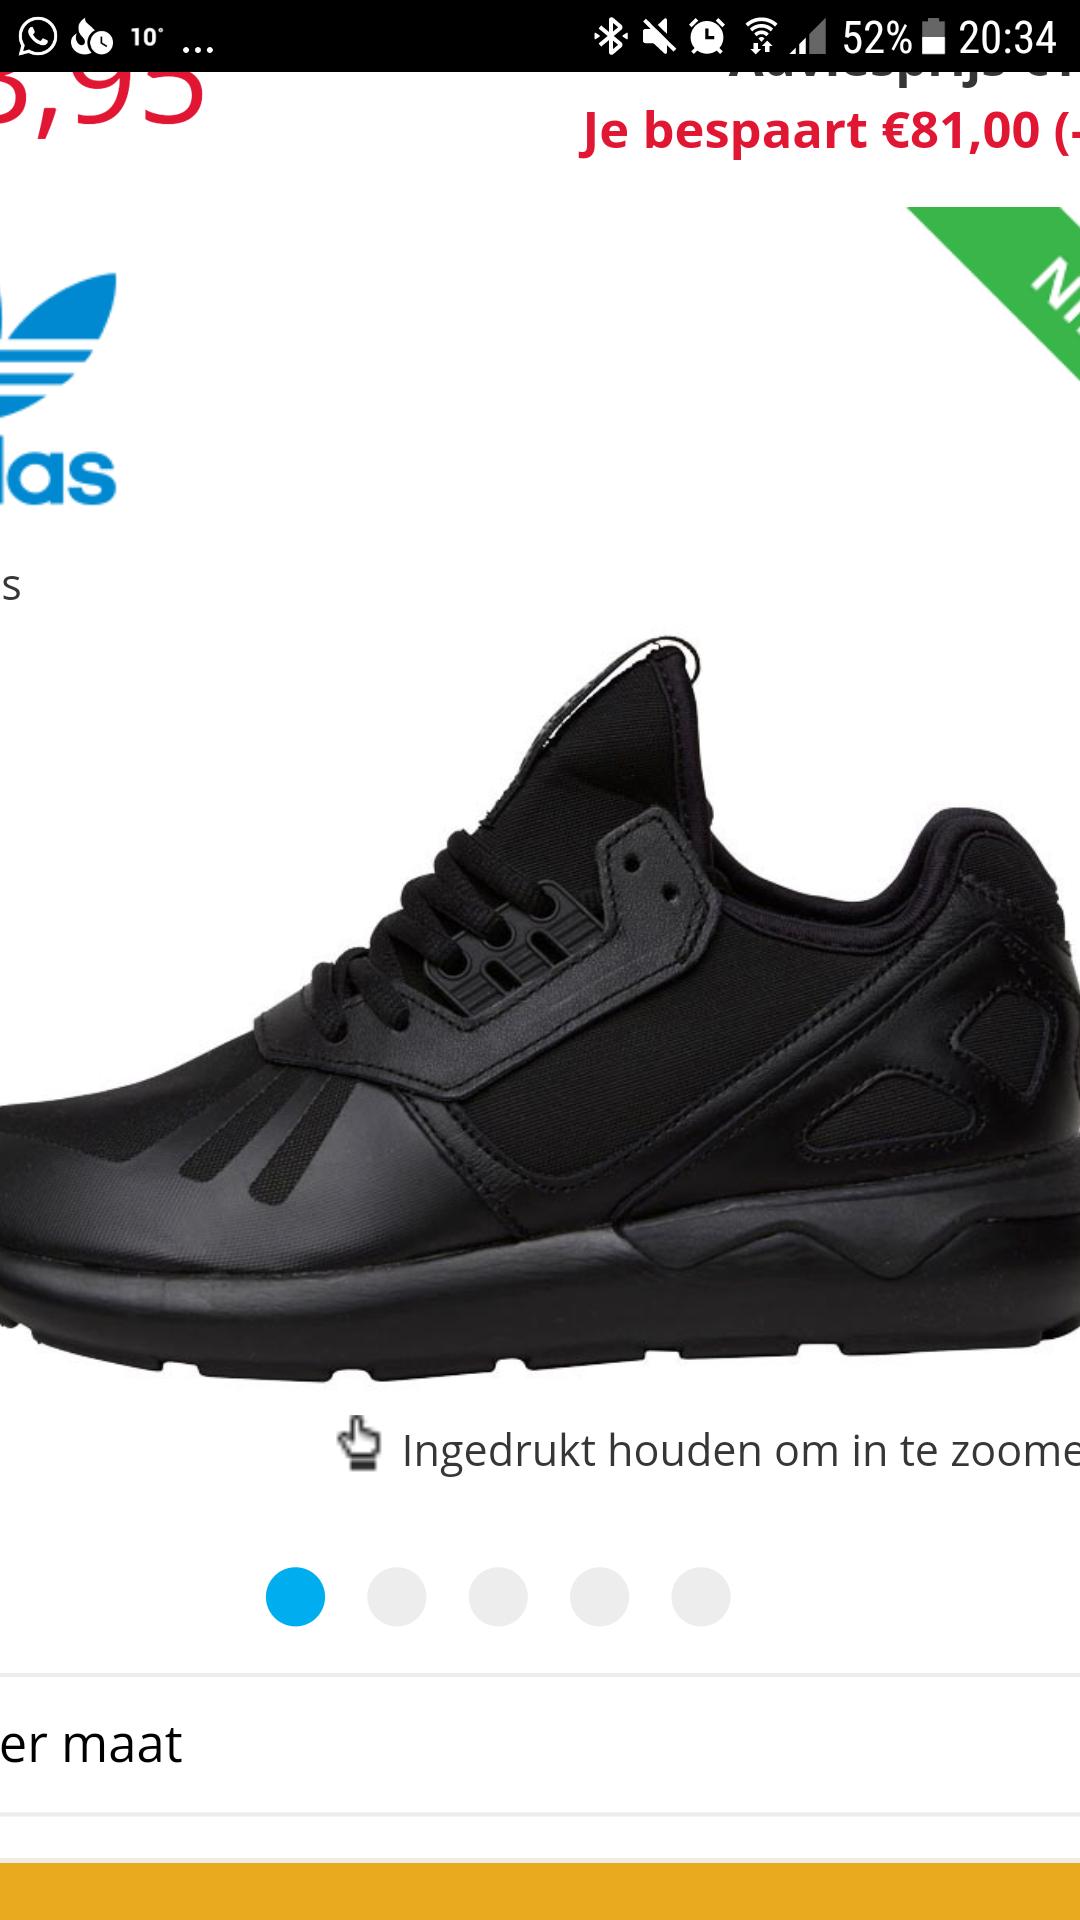 Adidas original tubular runner sneakers @ MandM Direct